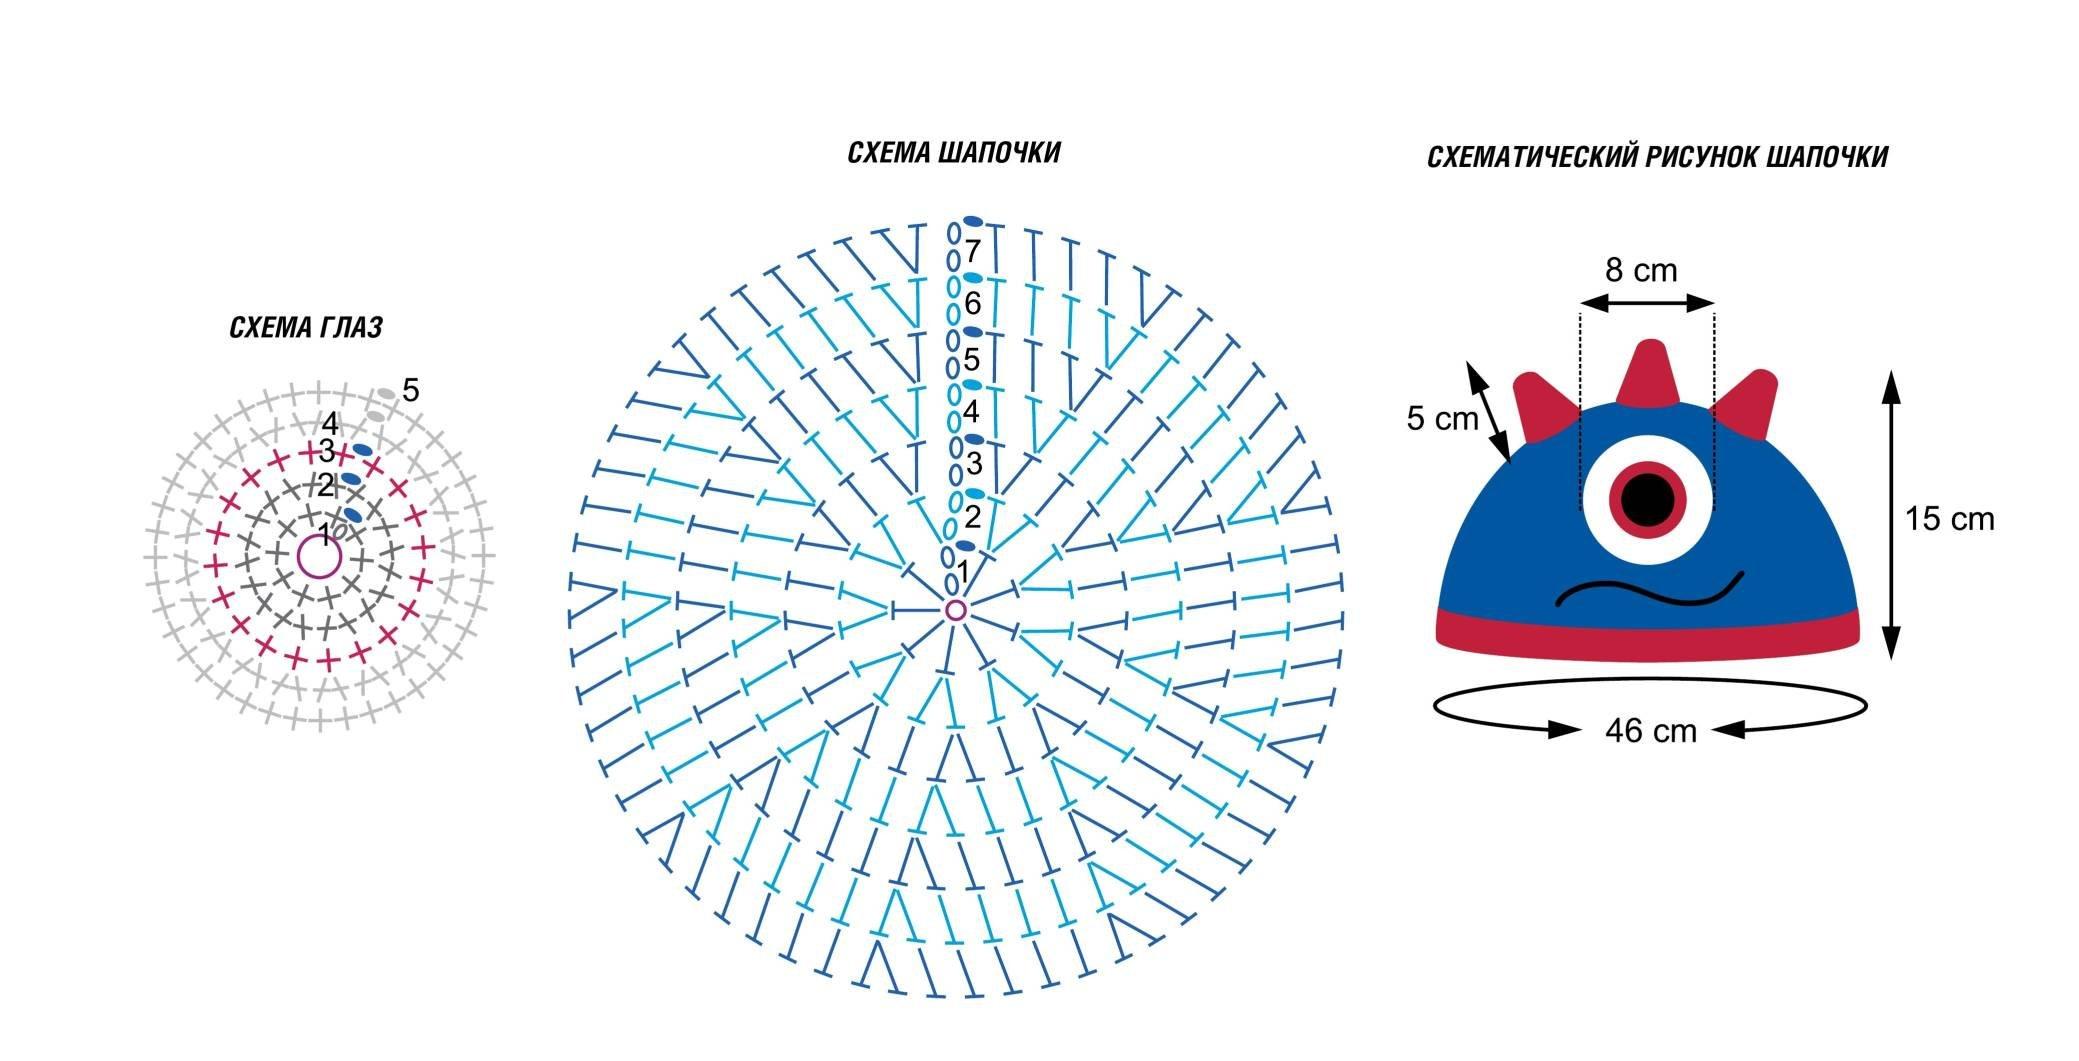 схема дракон для вязания варежек